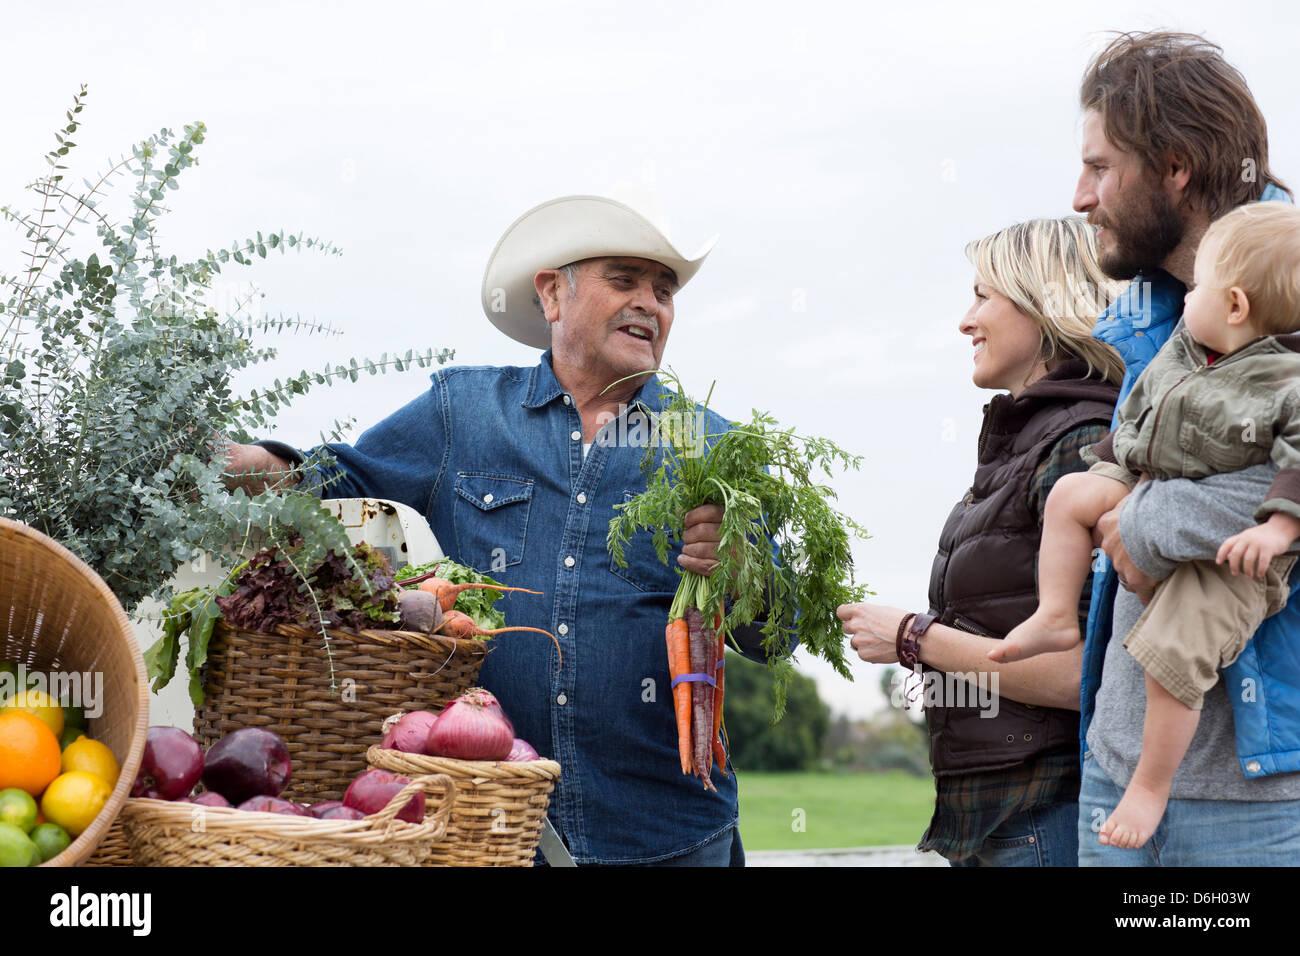 Familie am Bauernmarkt einkaufen Stockbild